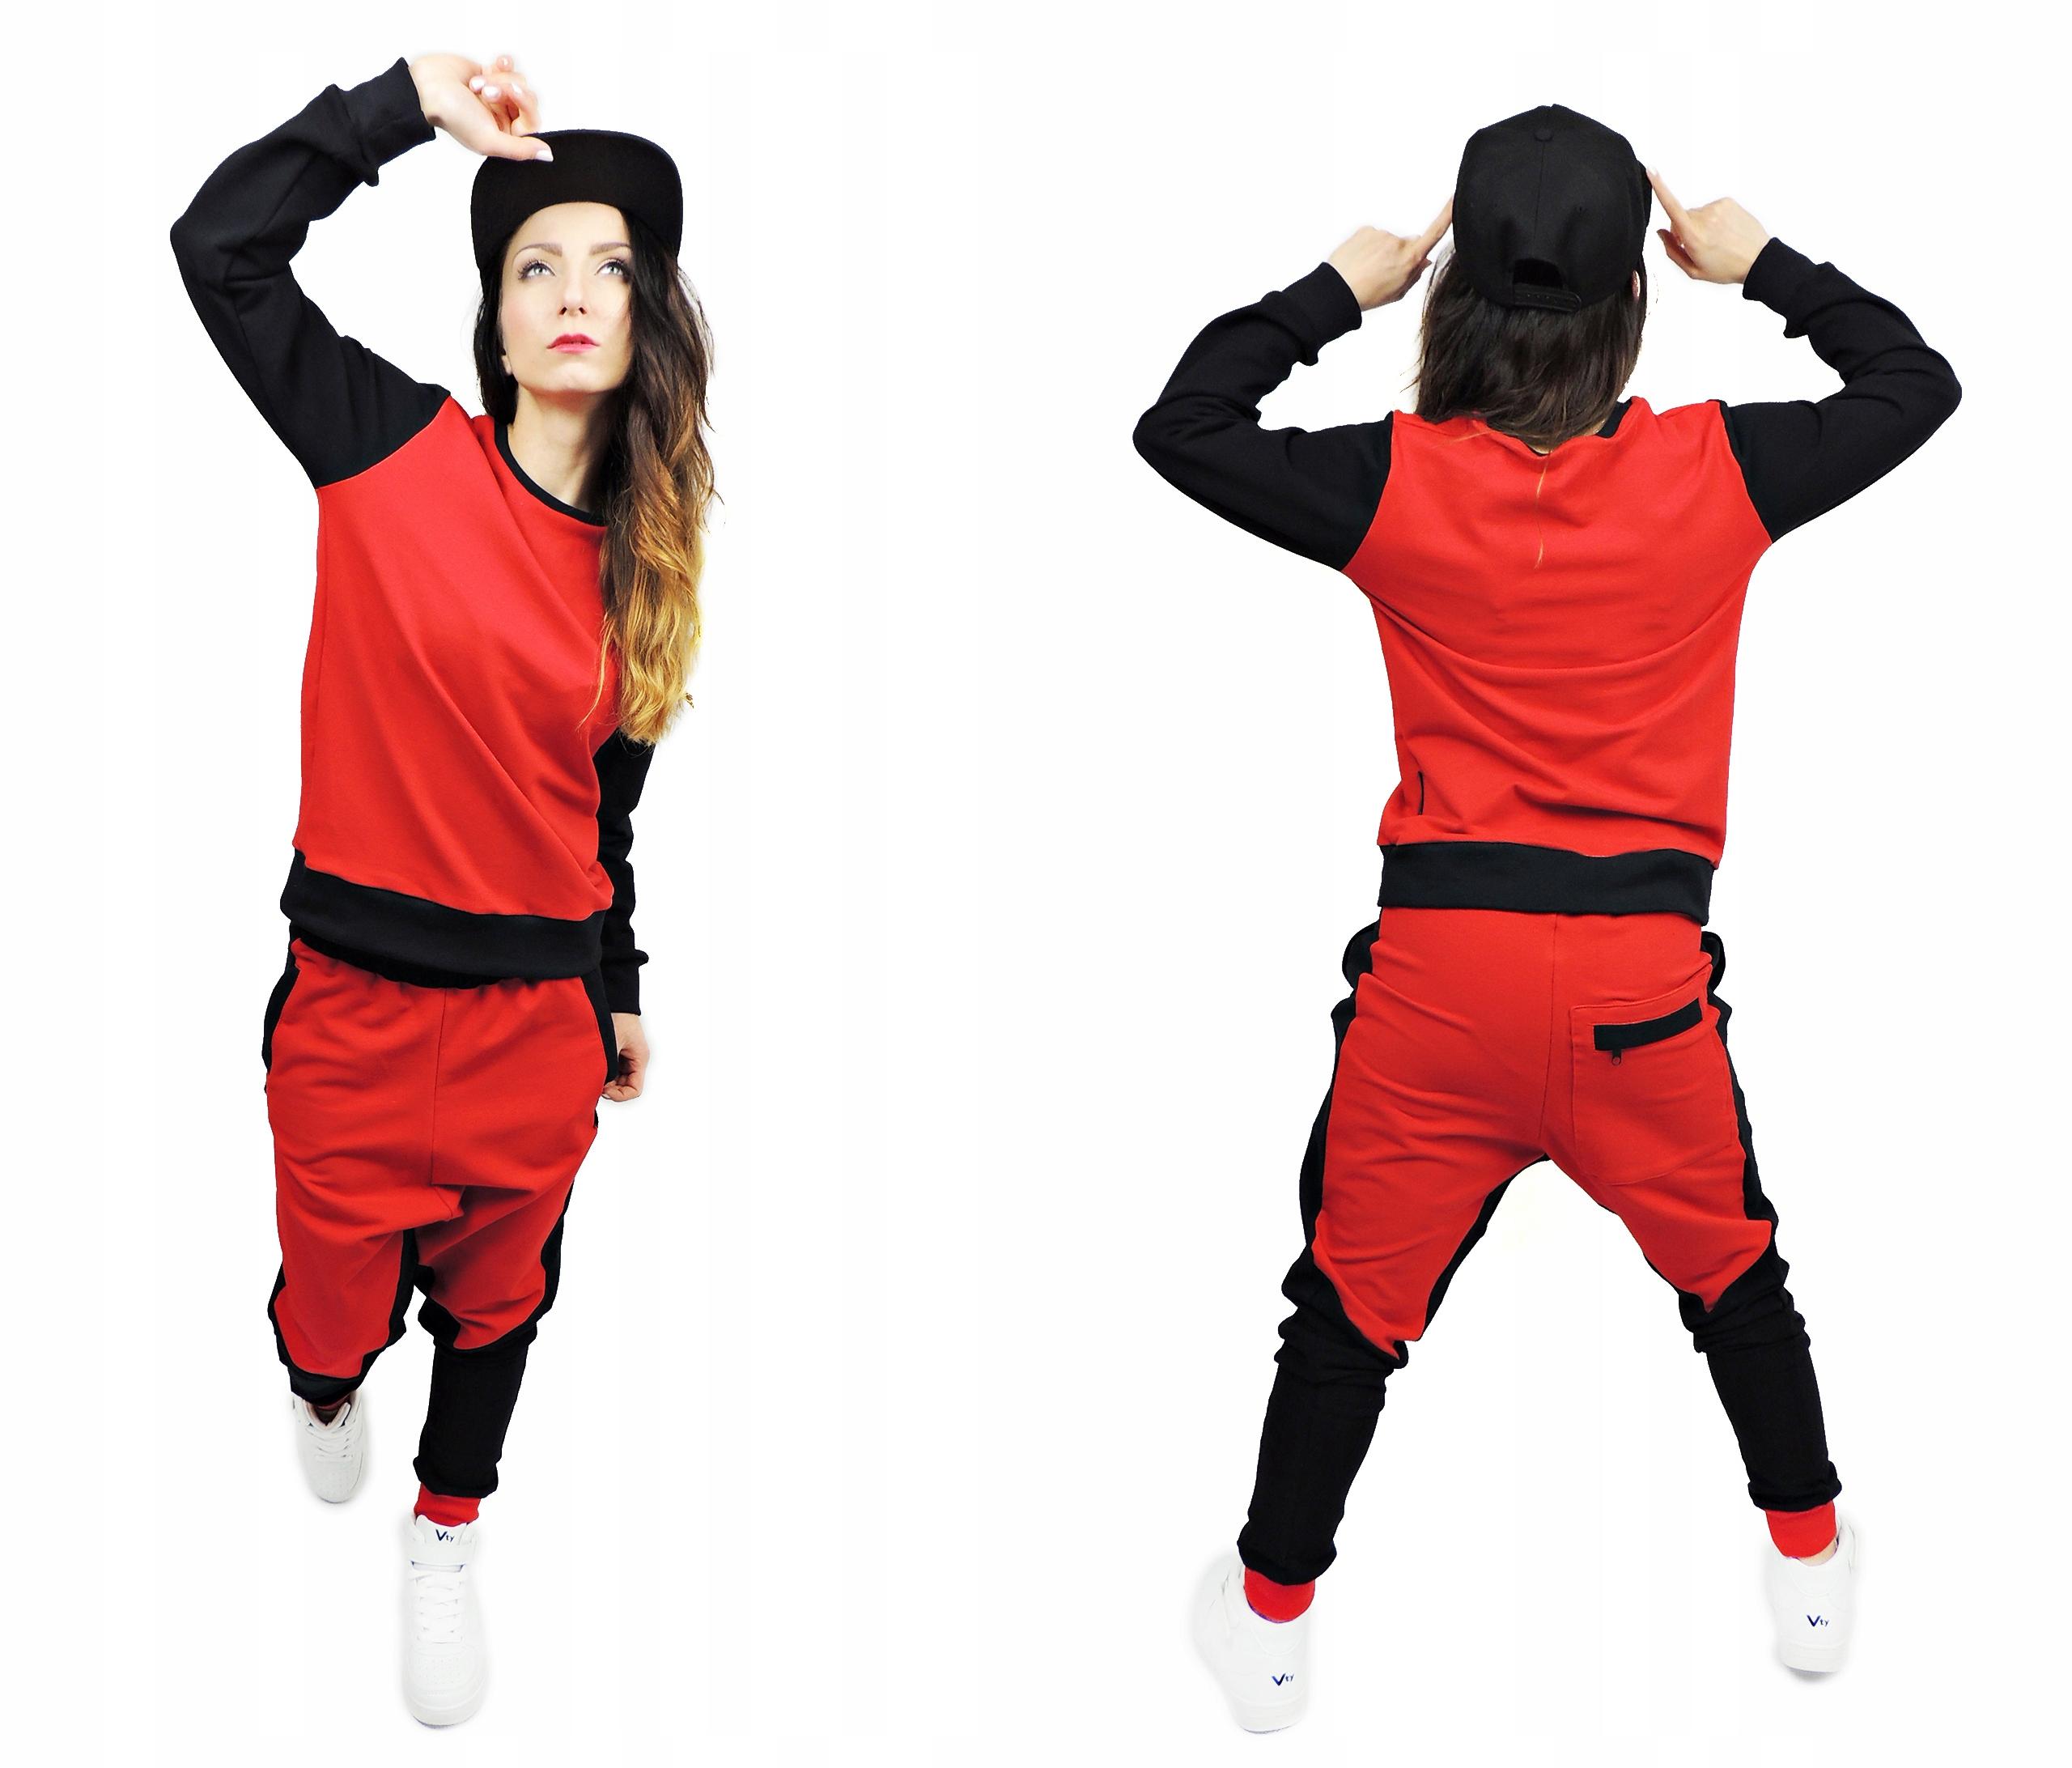 BLUZA XS CZERWONA STREET DANCE TANIEC HIP HOP